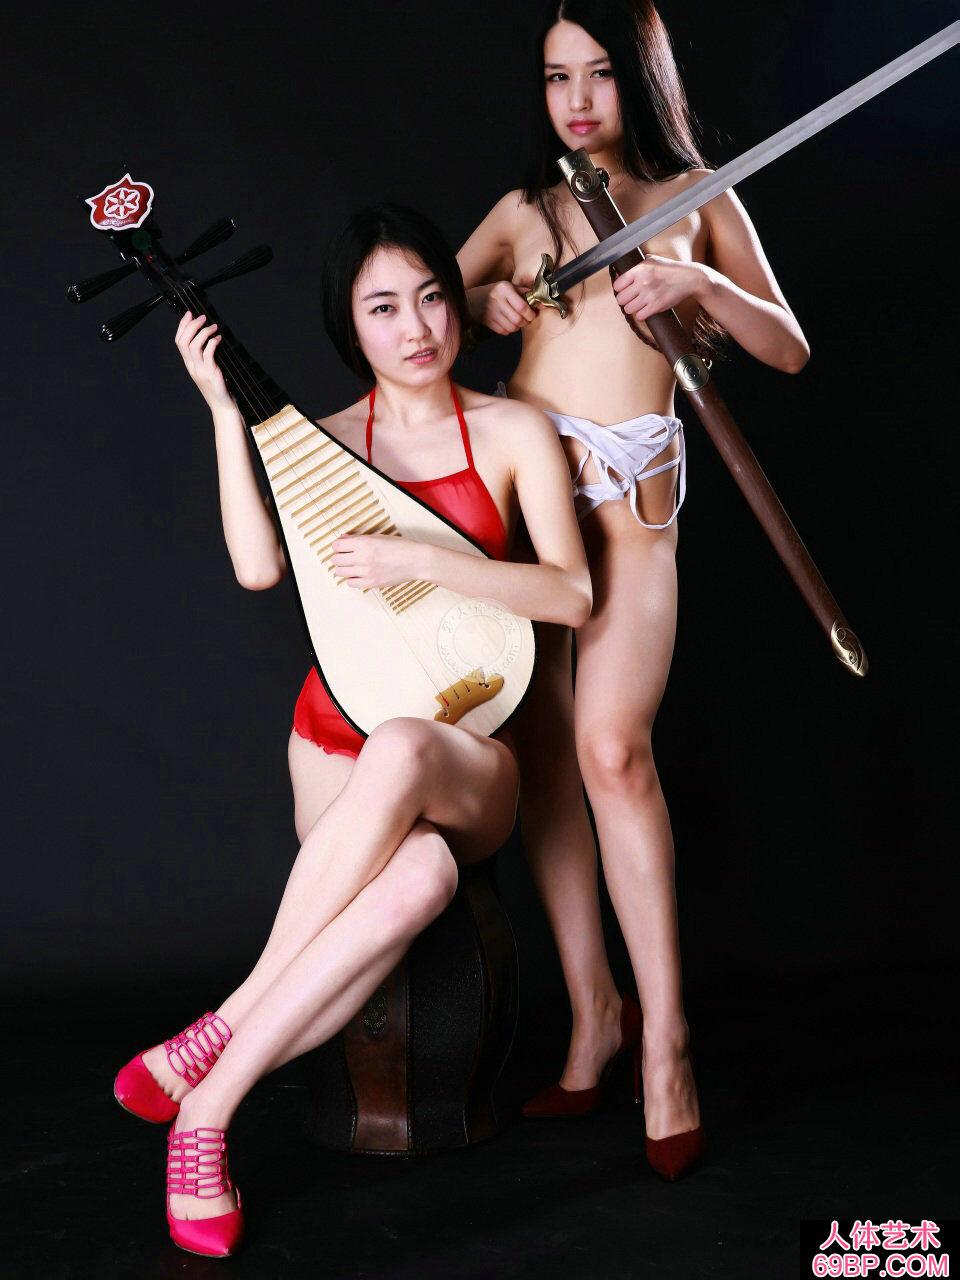 超级大胆展人体艺术图片,室拍身披丝巾弹琵琶的嫩模小慕和阿林